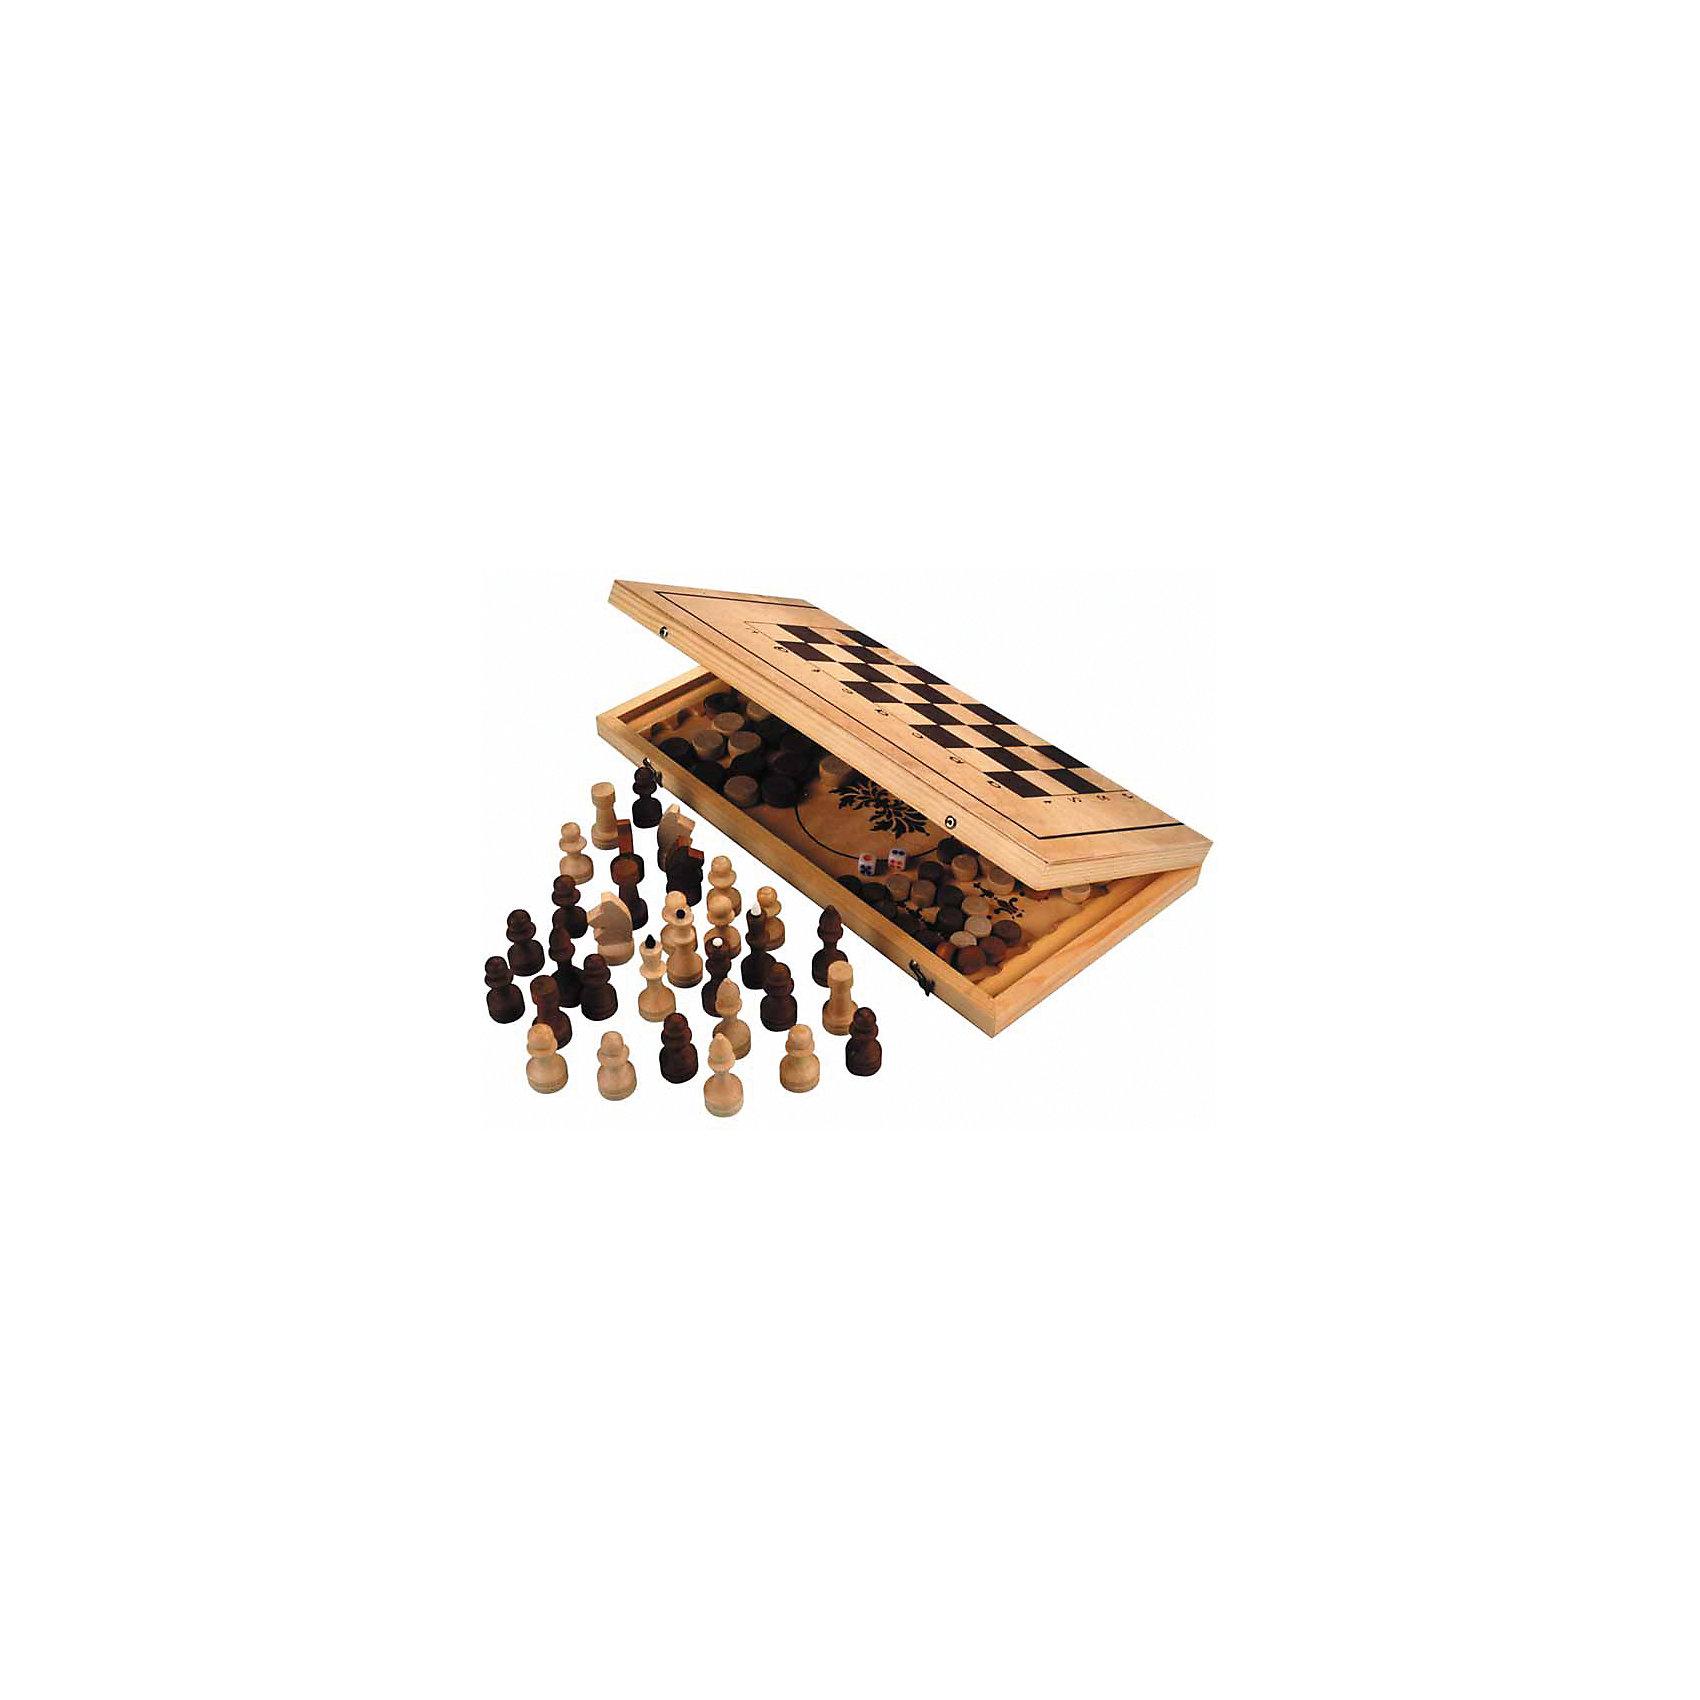 игра-3-в-1-шахматы-нарды-шашки-деревянная